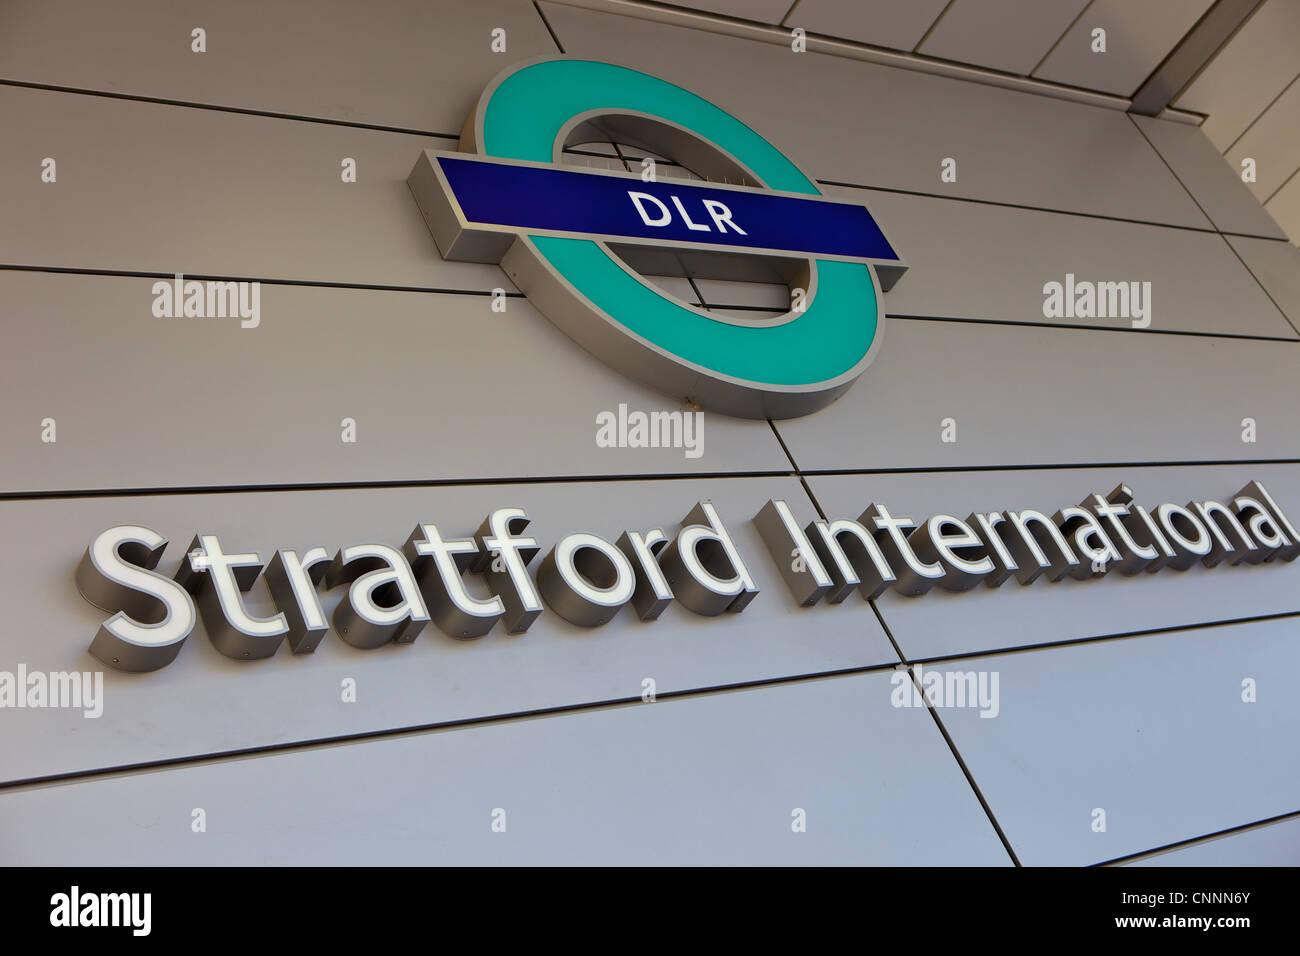 Stratford international station DLR - Stock Image